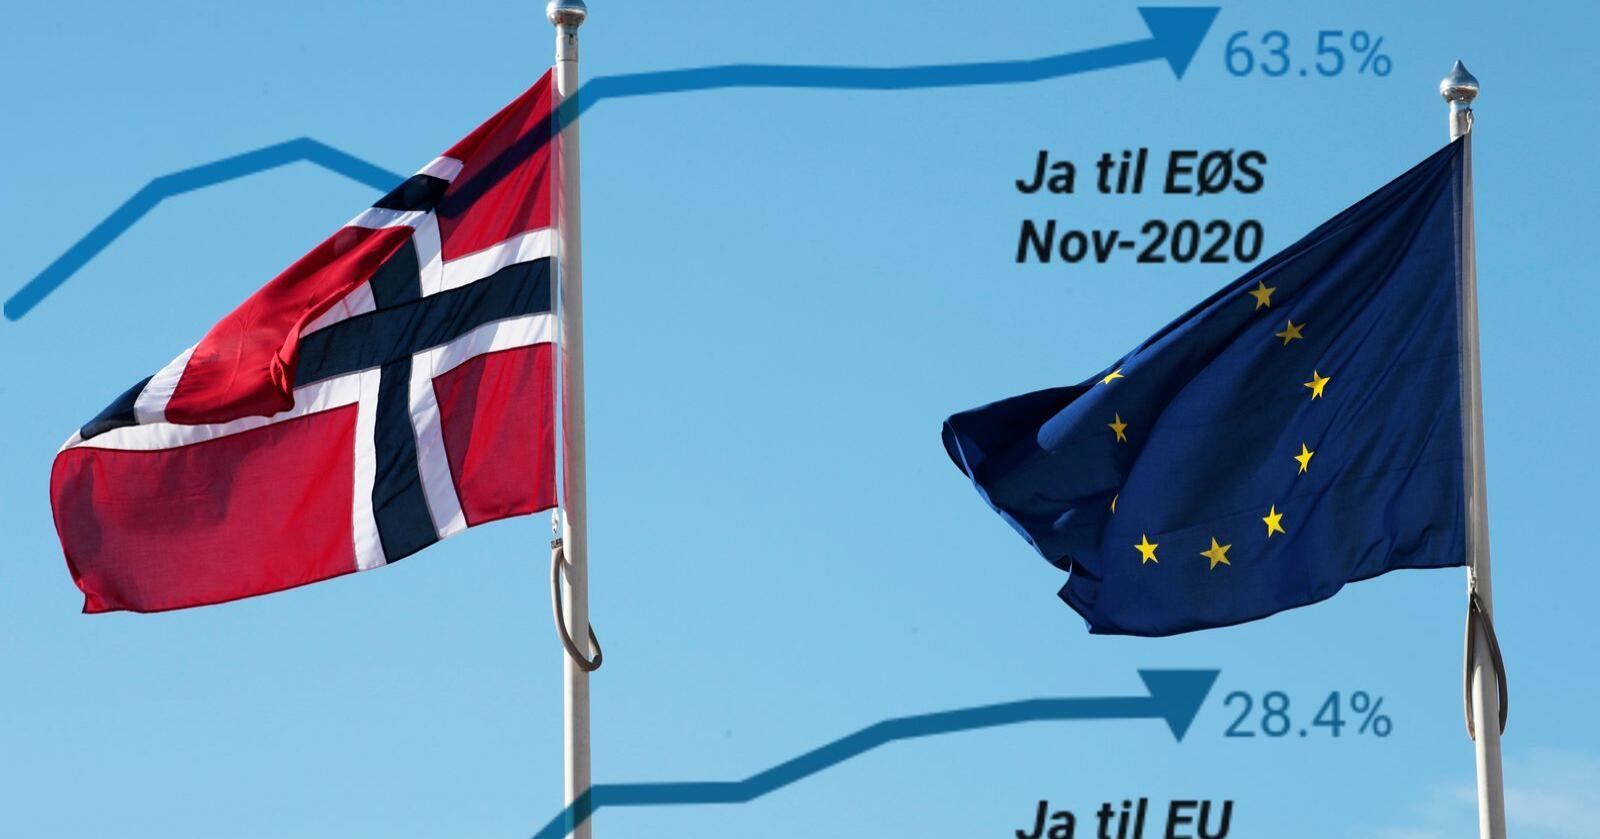 EØS-avtalen har aldri hatt så stor støtte i den norske befolkningen som nå. Motstanden mot norsk medlemskap i EU er likevel forstatt stor viser ny meningsmåling. Foto: Lise Åserud / NTB